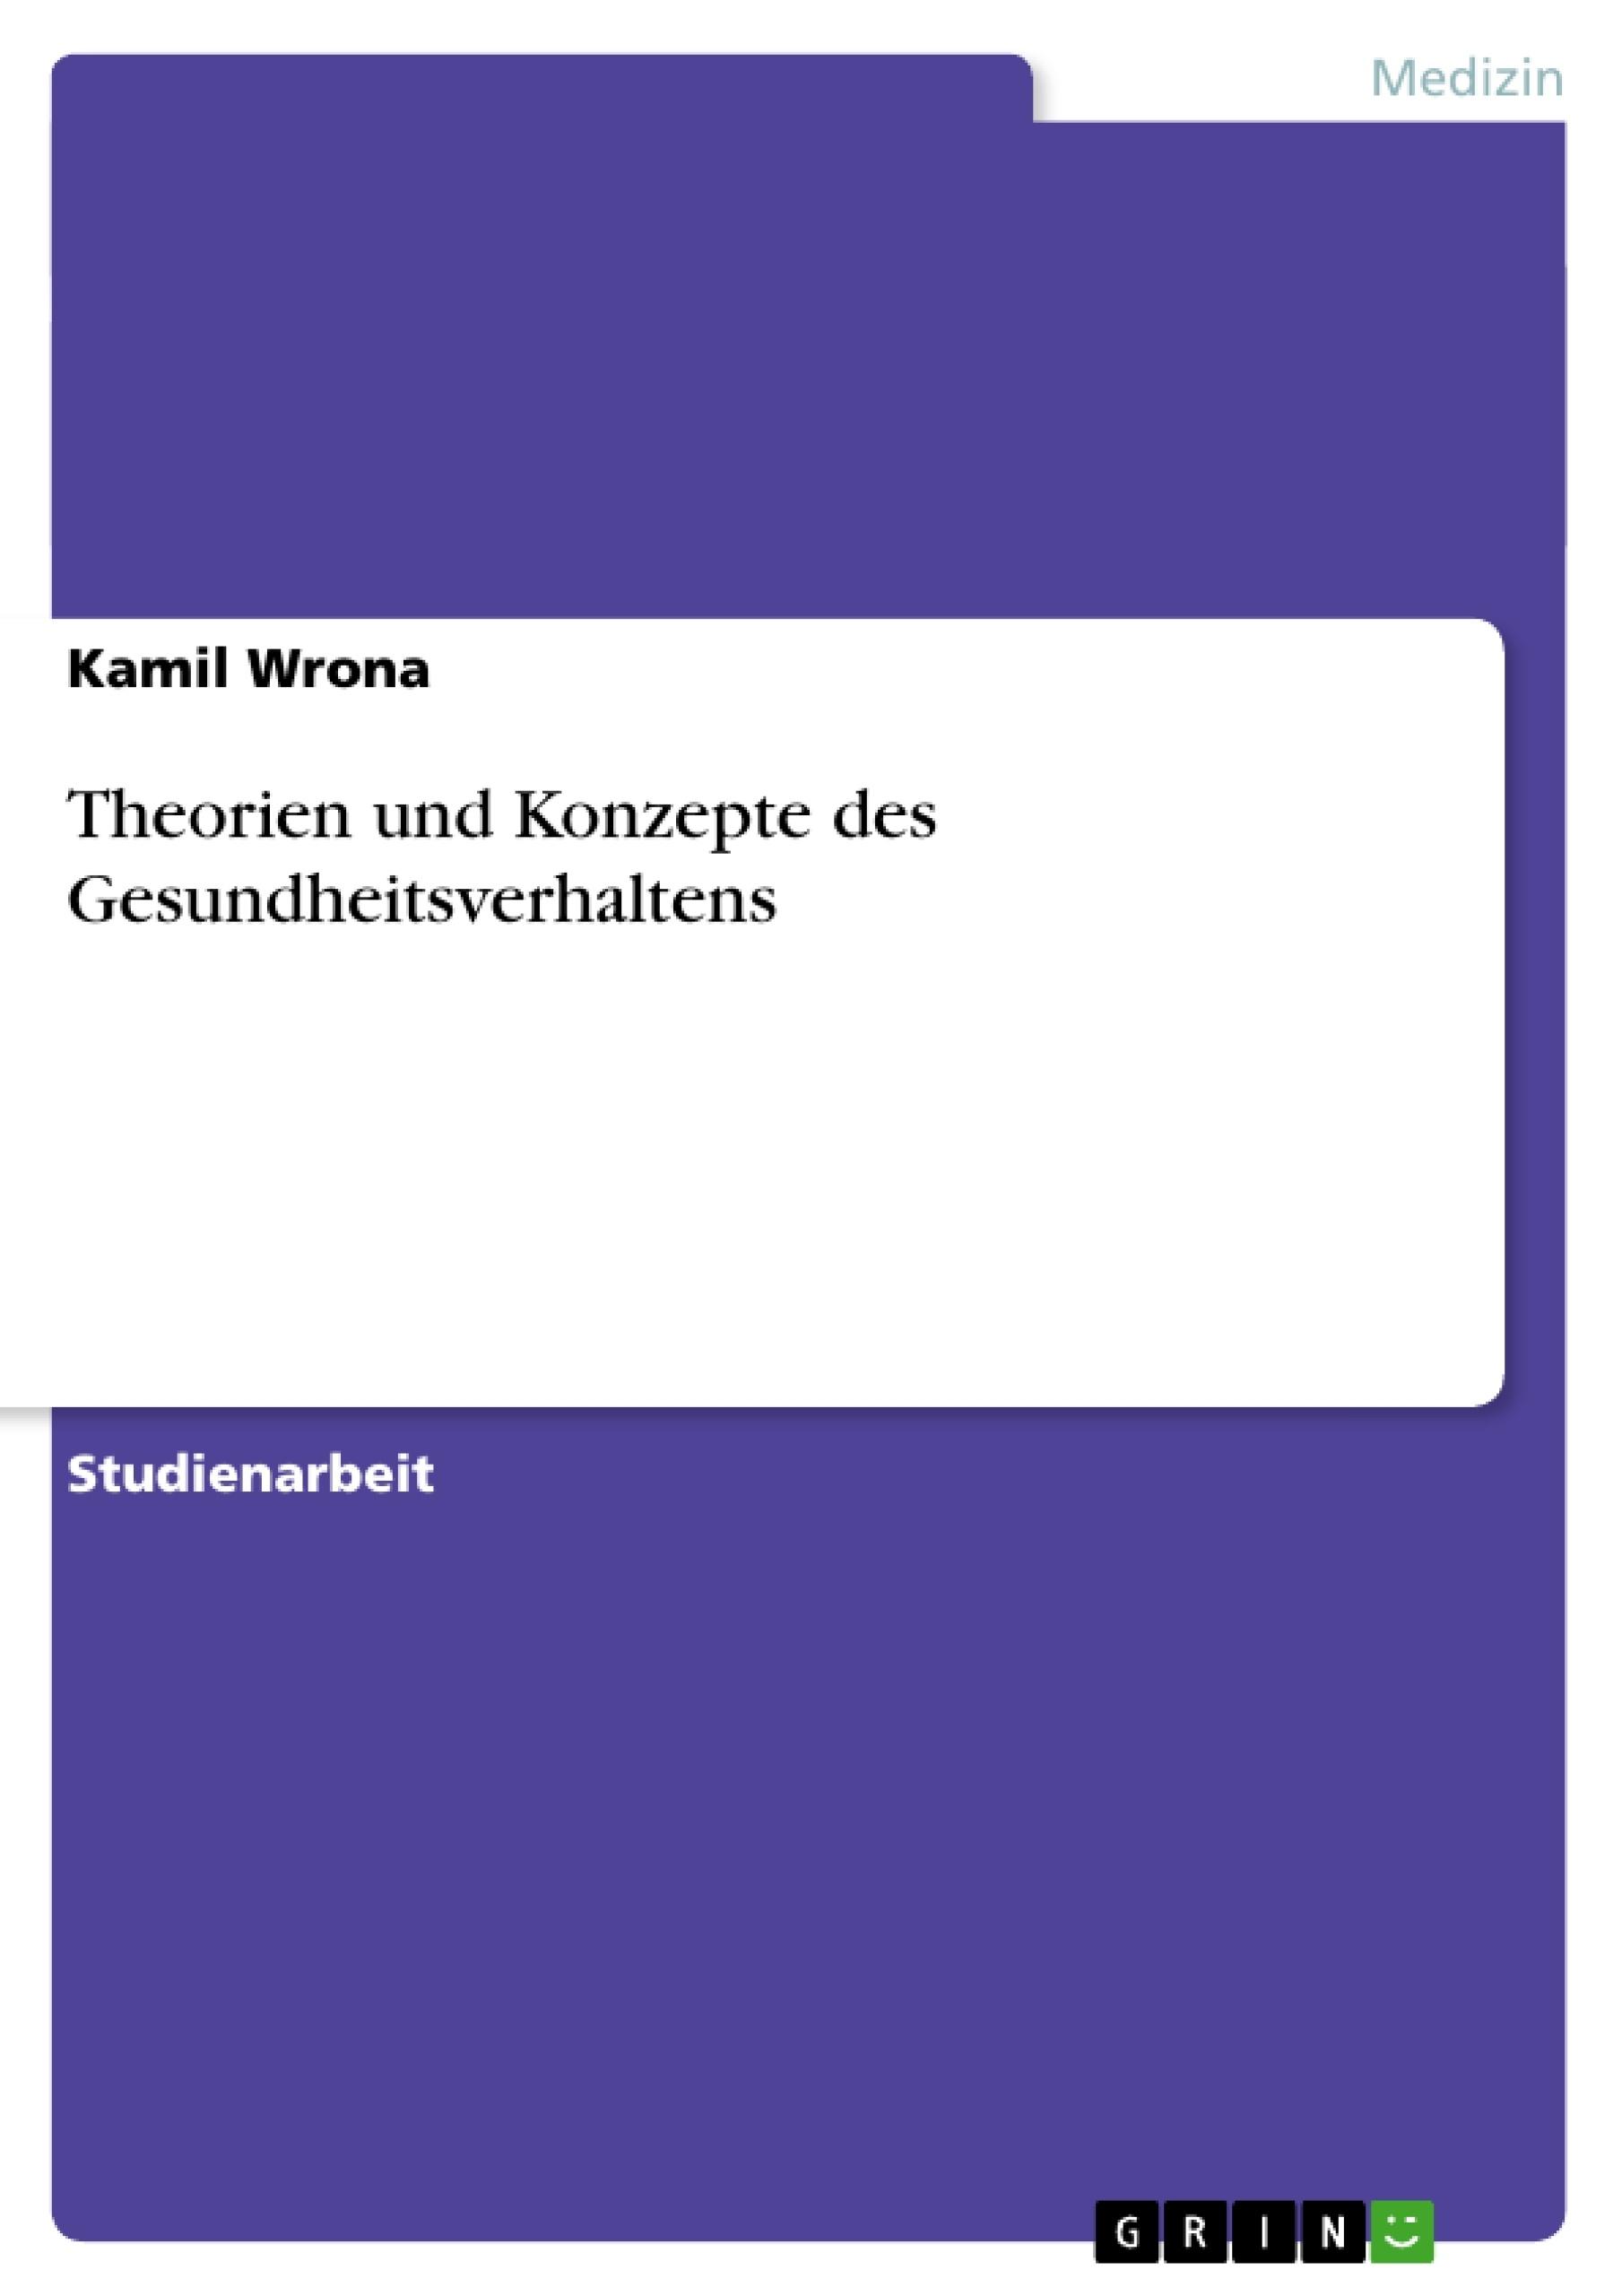 Titel: Theorien und Konzepte des Gesundheitsverhaltens